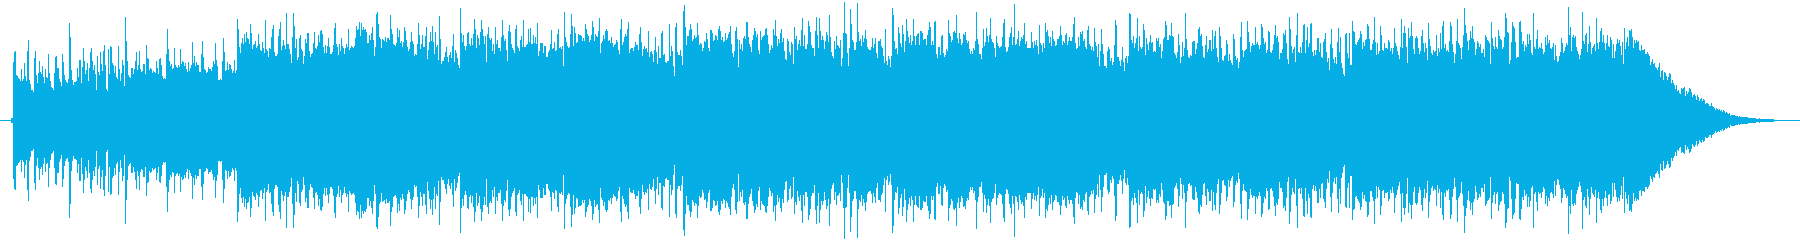 エルガー威風堂々アコースティックアレンジの再生済みの波形